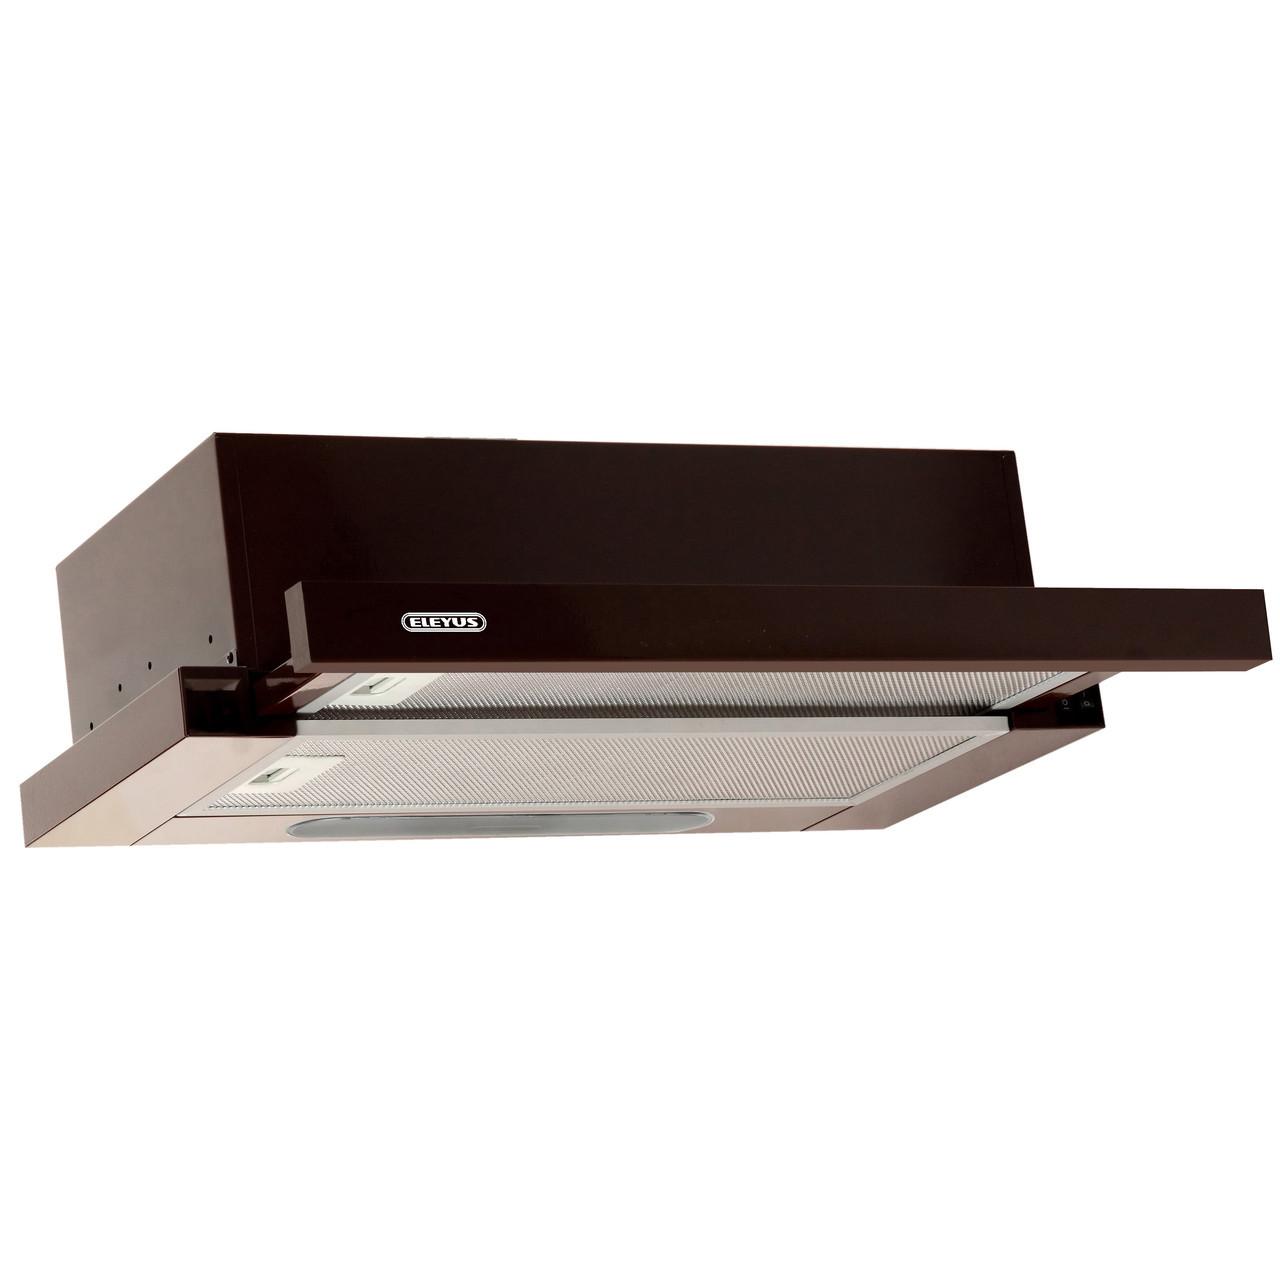 Витяжка кухонна телескопічна ELEYUS LOTUS 470 60 BR + Безкоштовна доставка!